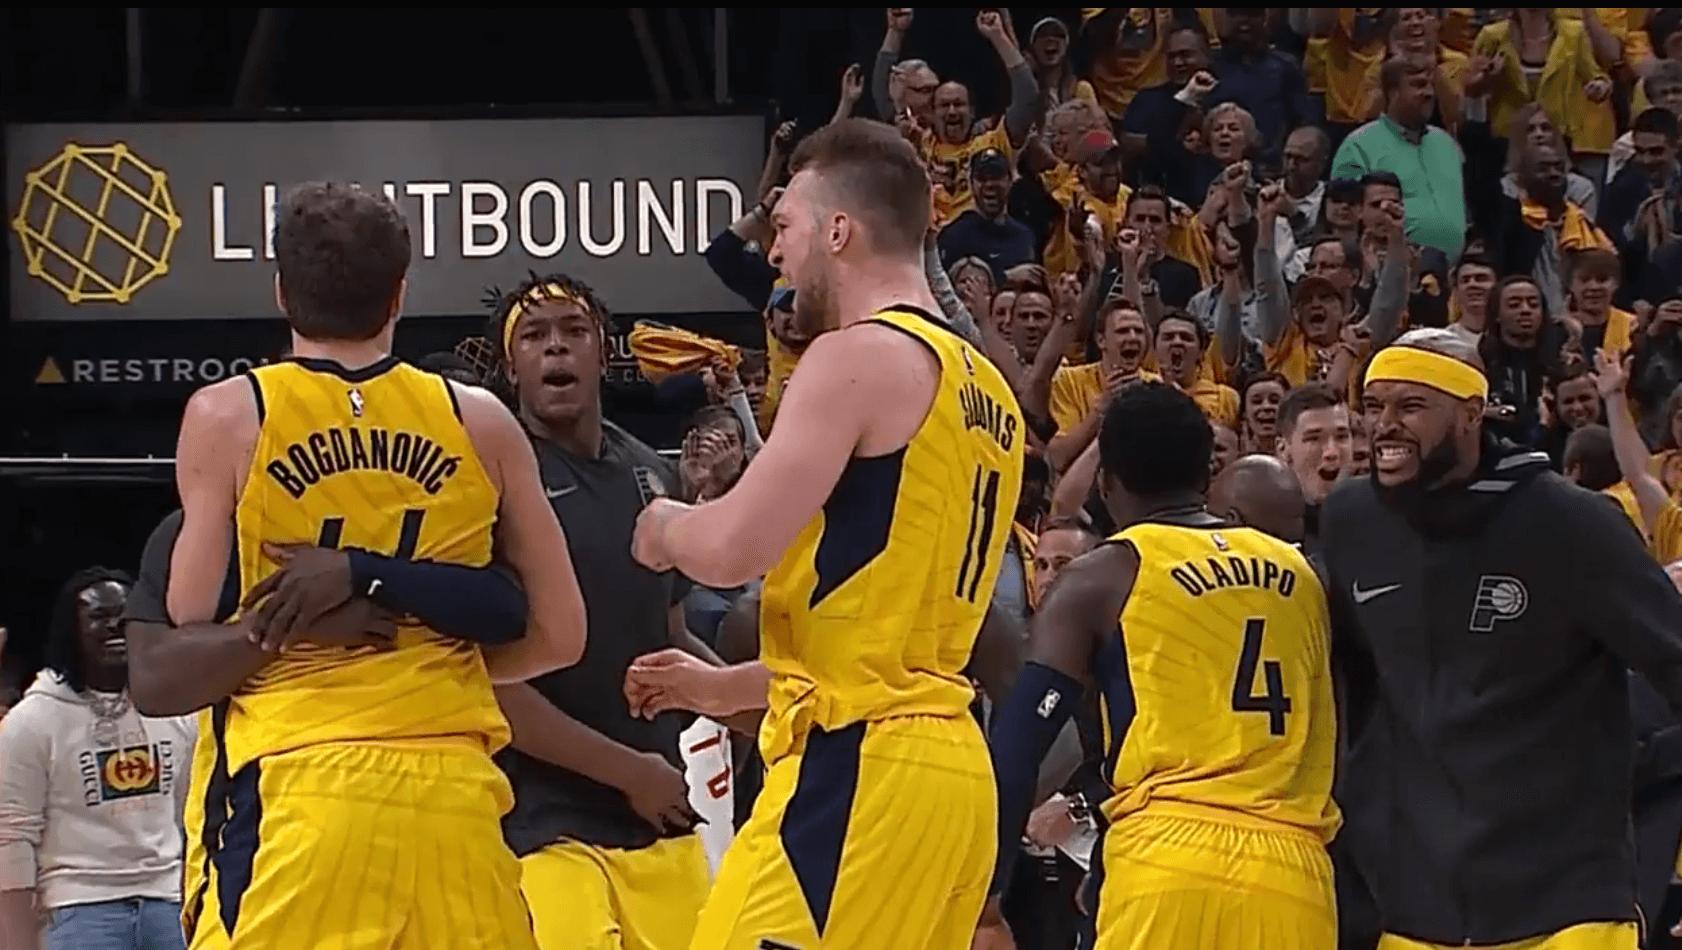 Les Cavaliers gâchent 17 points d'avance face aux Pacers